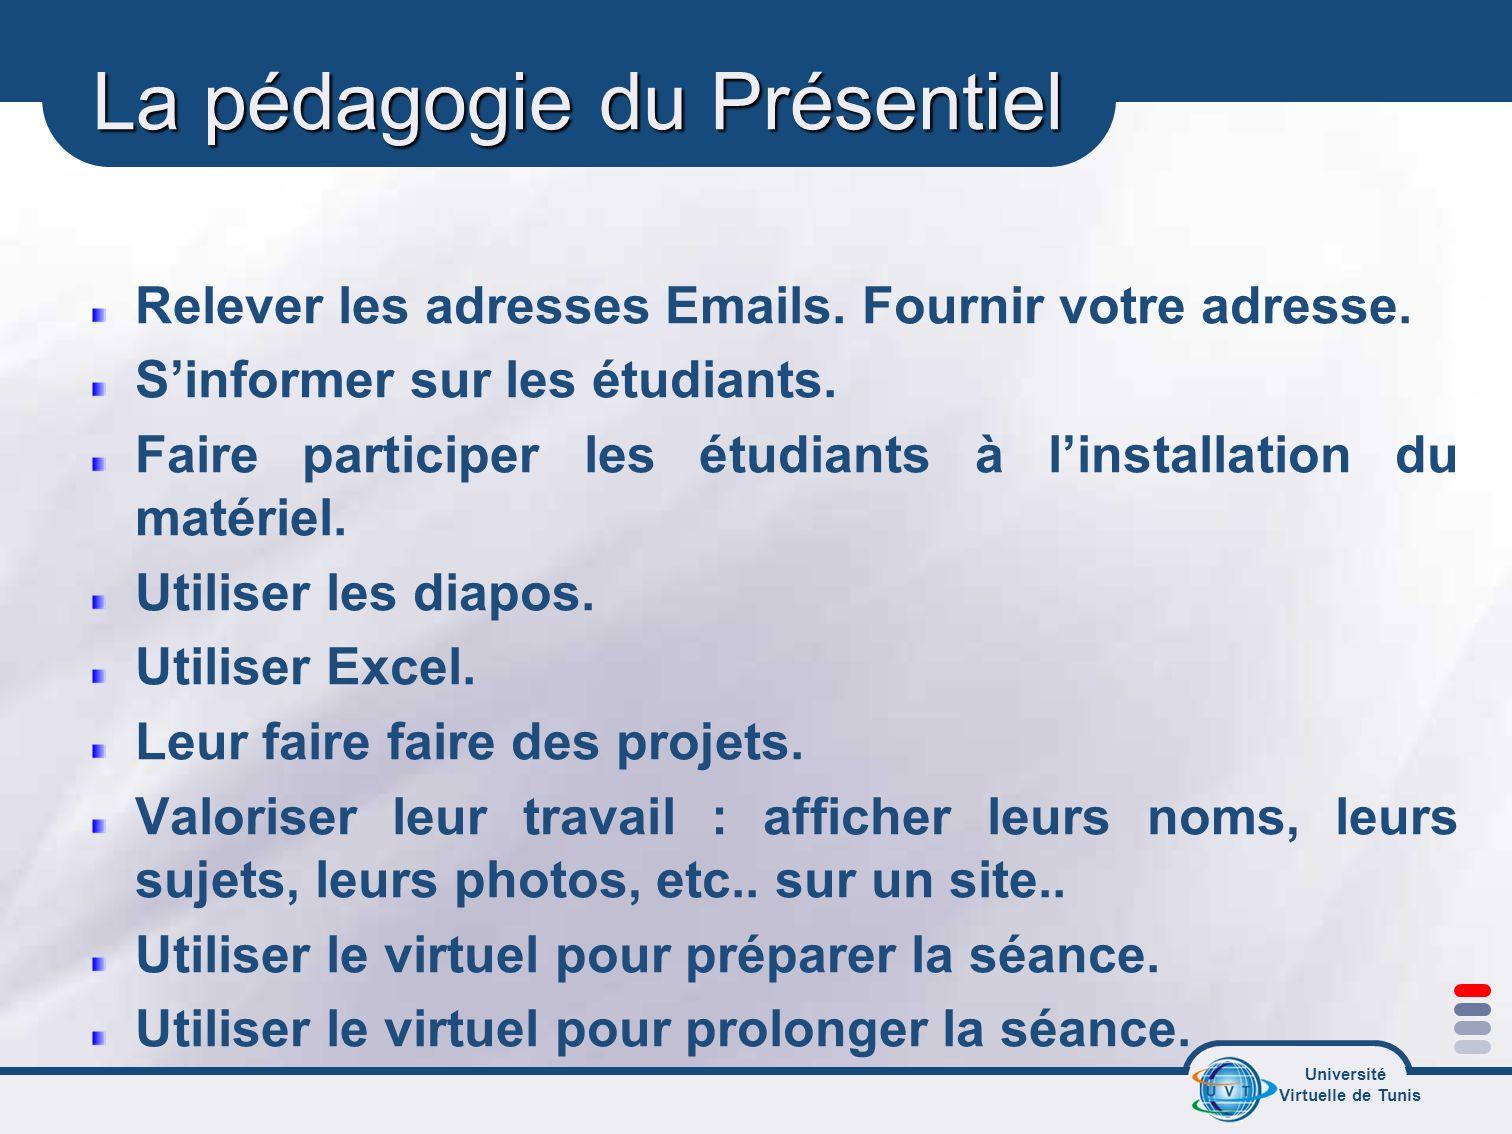 Université Virtuelle de Tunis La pédagogie du Présentiel Relever les adresses Emails. Fournir votre adresse. Sinformer sur les étudiants. Faire partic